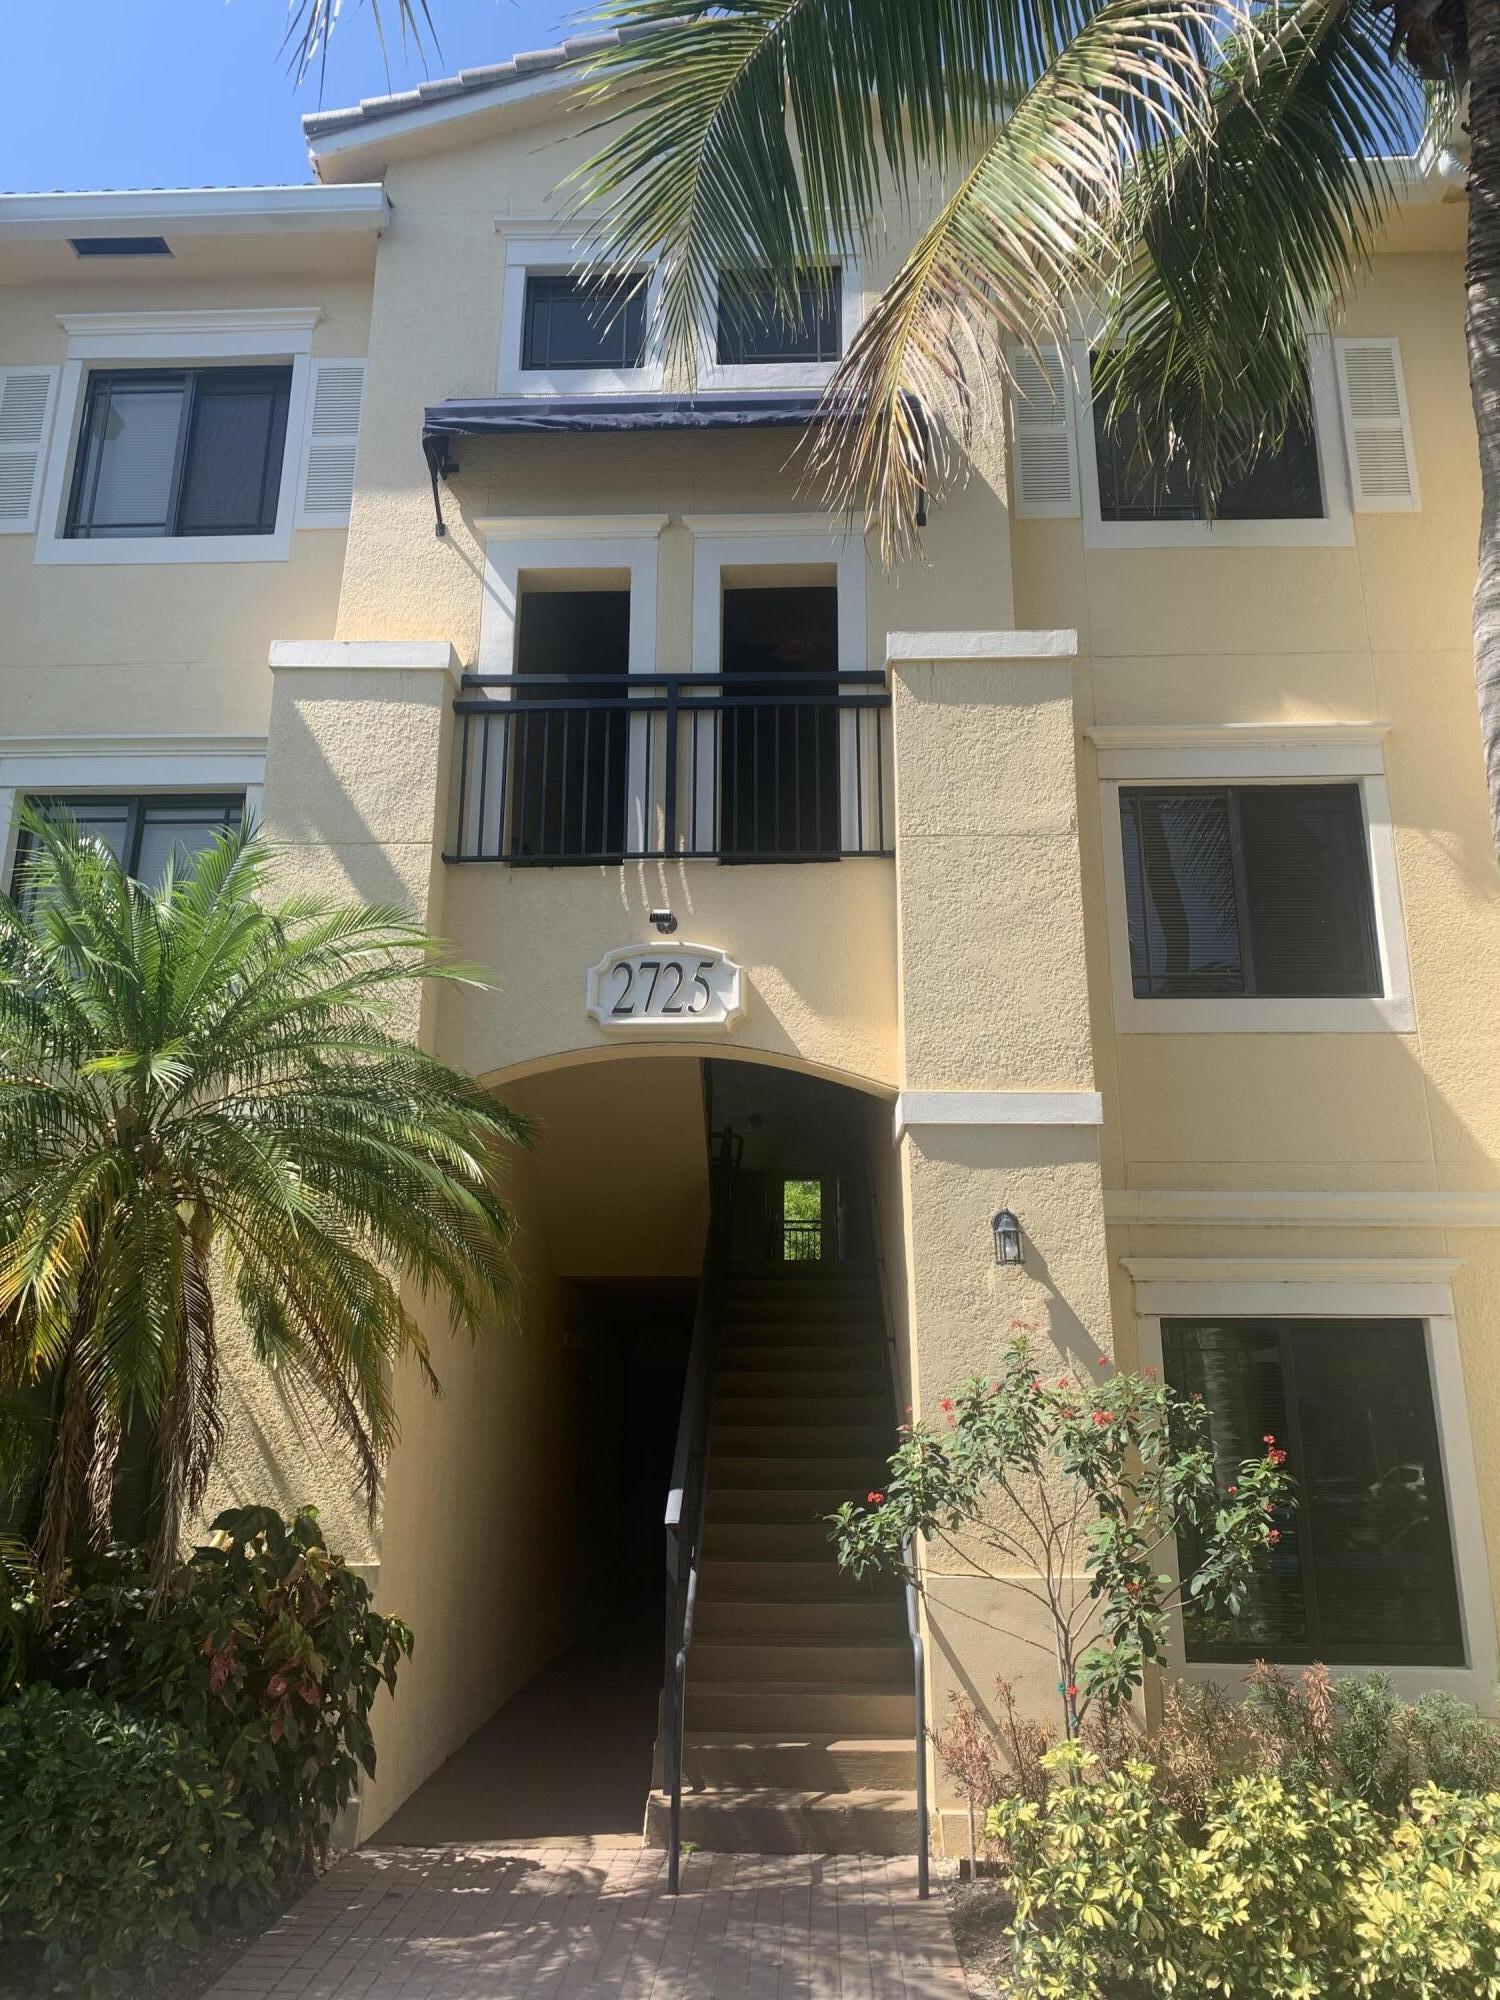 2725 Anzio Court 301 Palm Beach Gardens, FL 33410